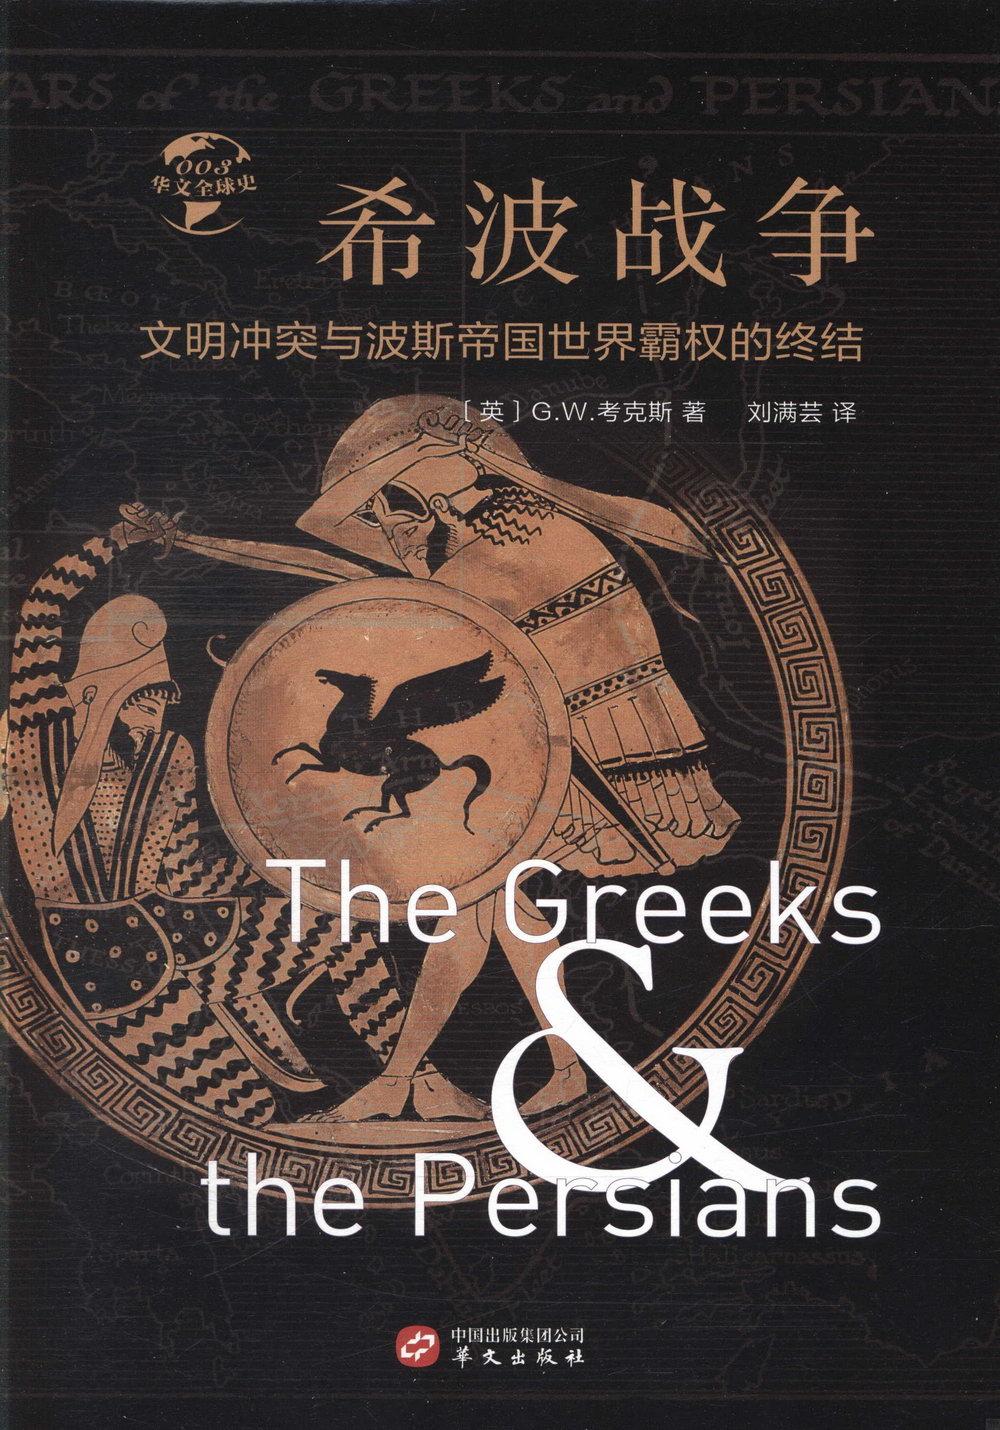 希波戰爭:文明衝突與波斯帝國世界霸權的終結